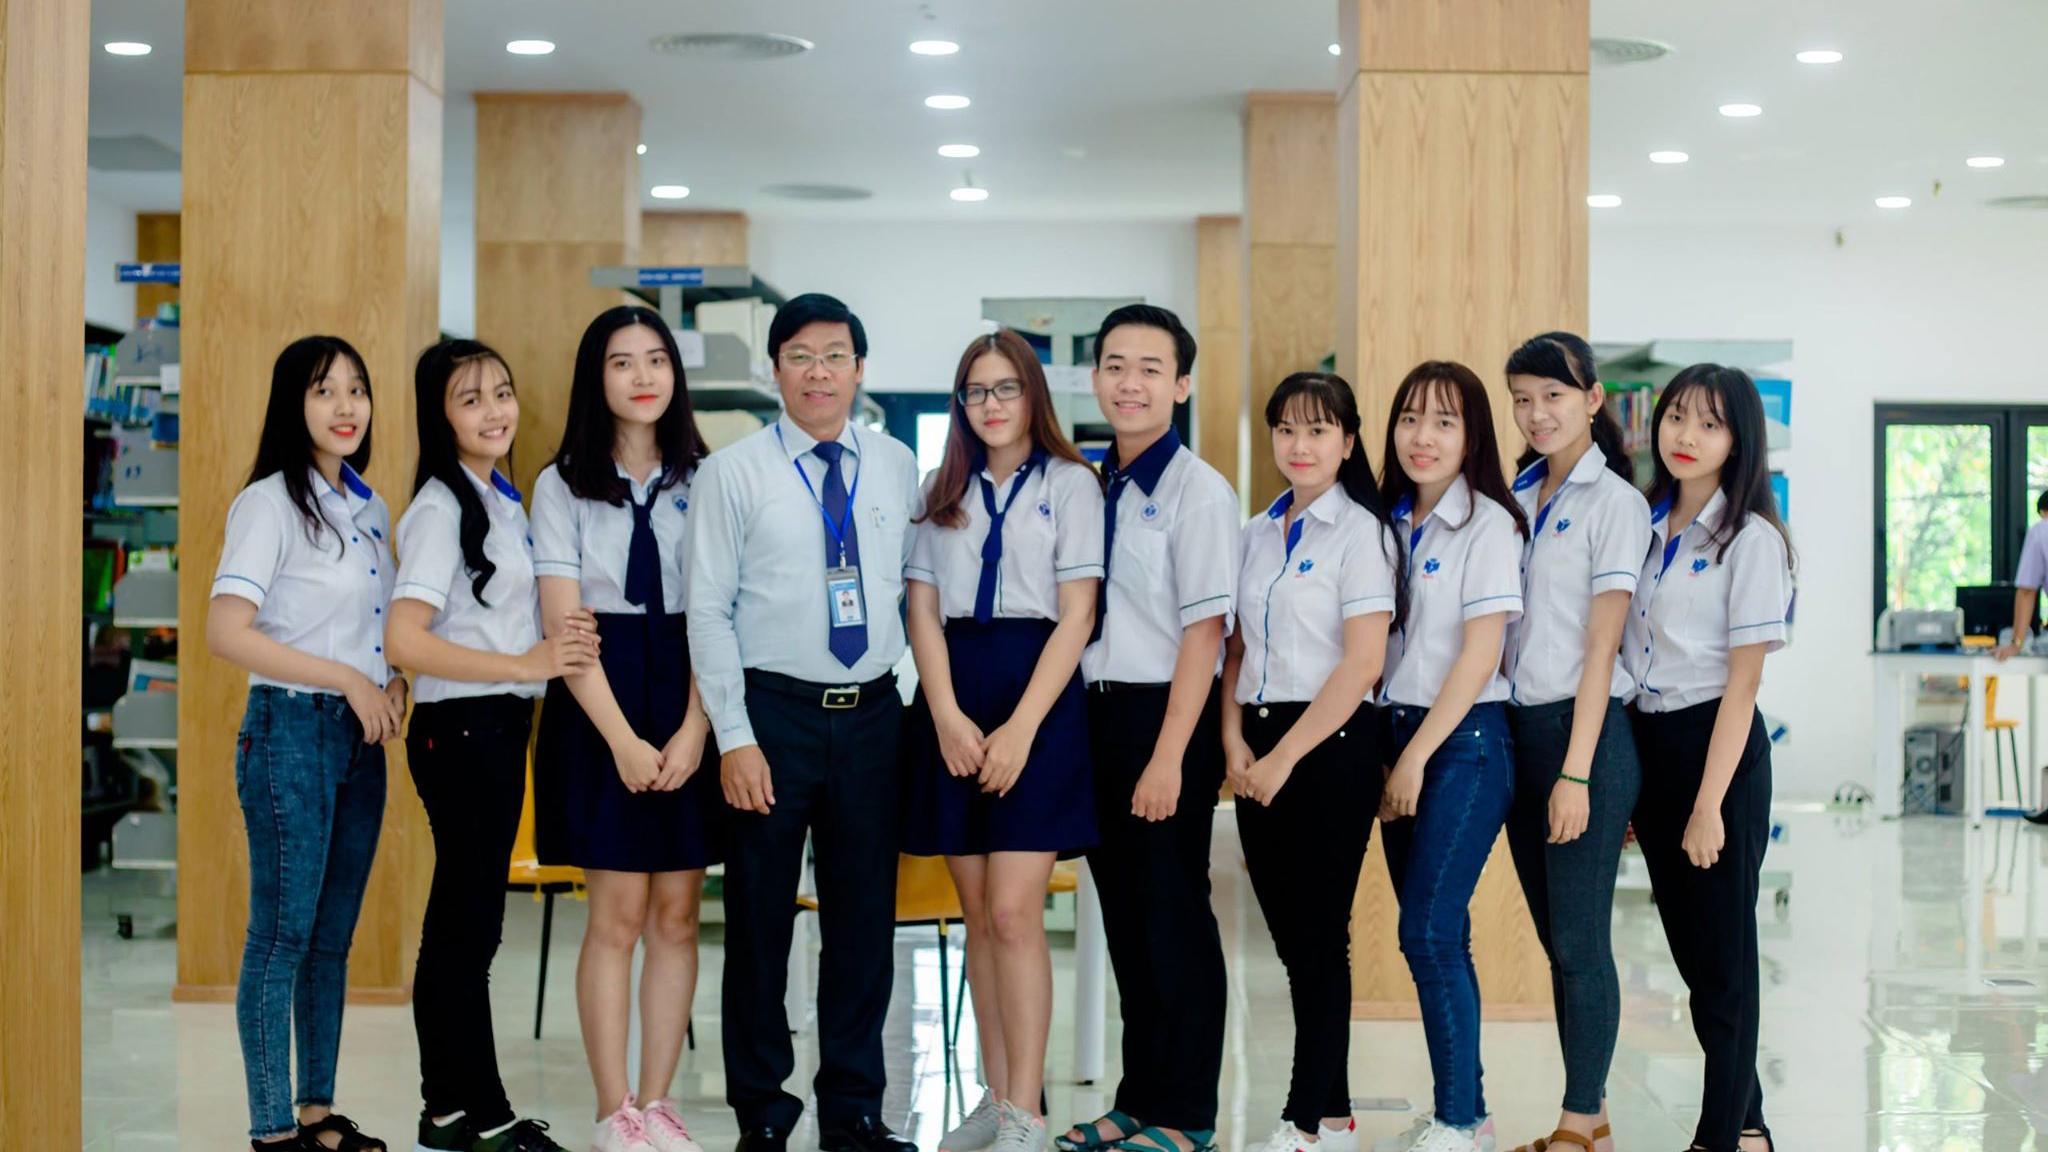 Trường đầu tiên ở TP HCM công bố thông tin tuyển sinh lớp 10